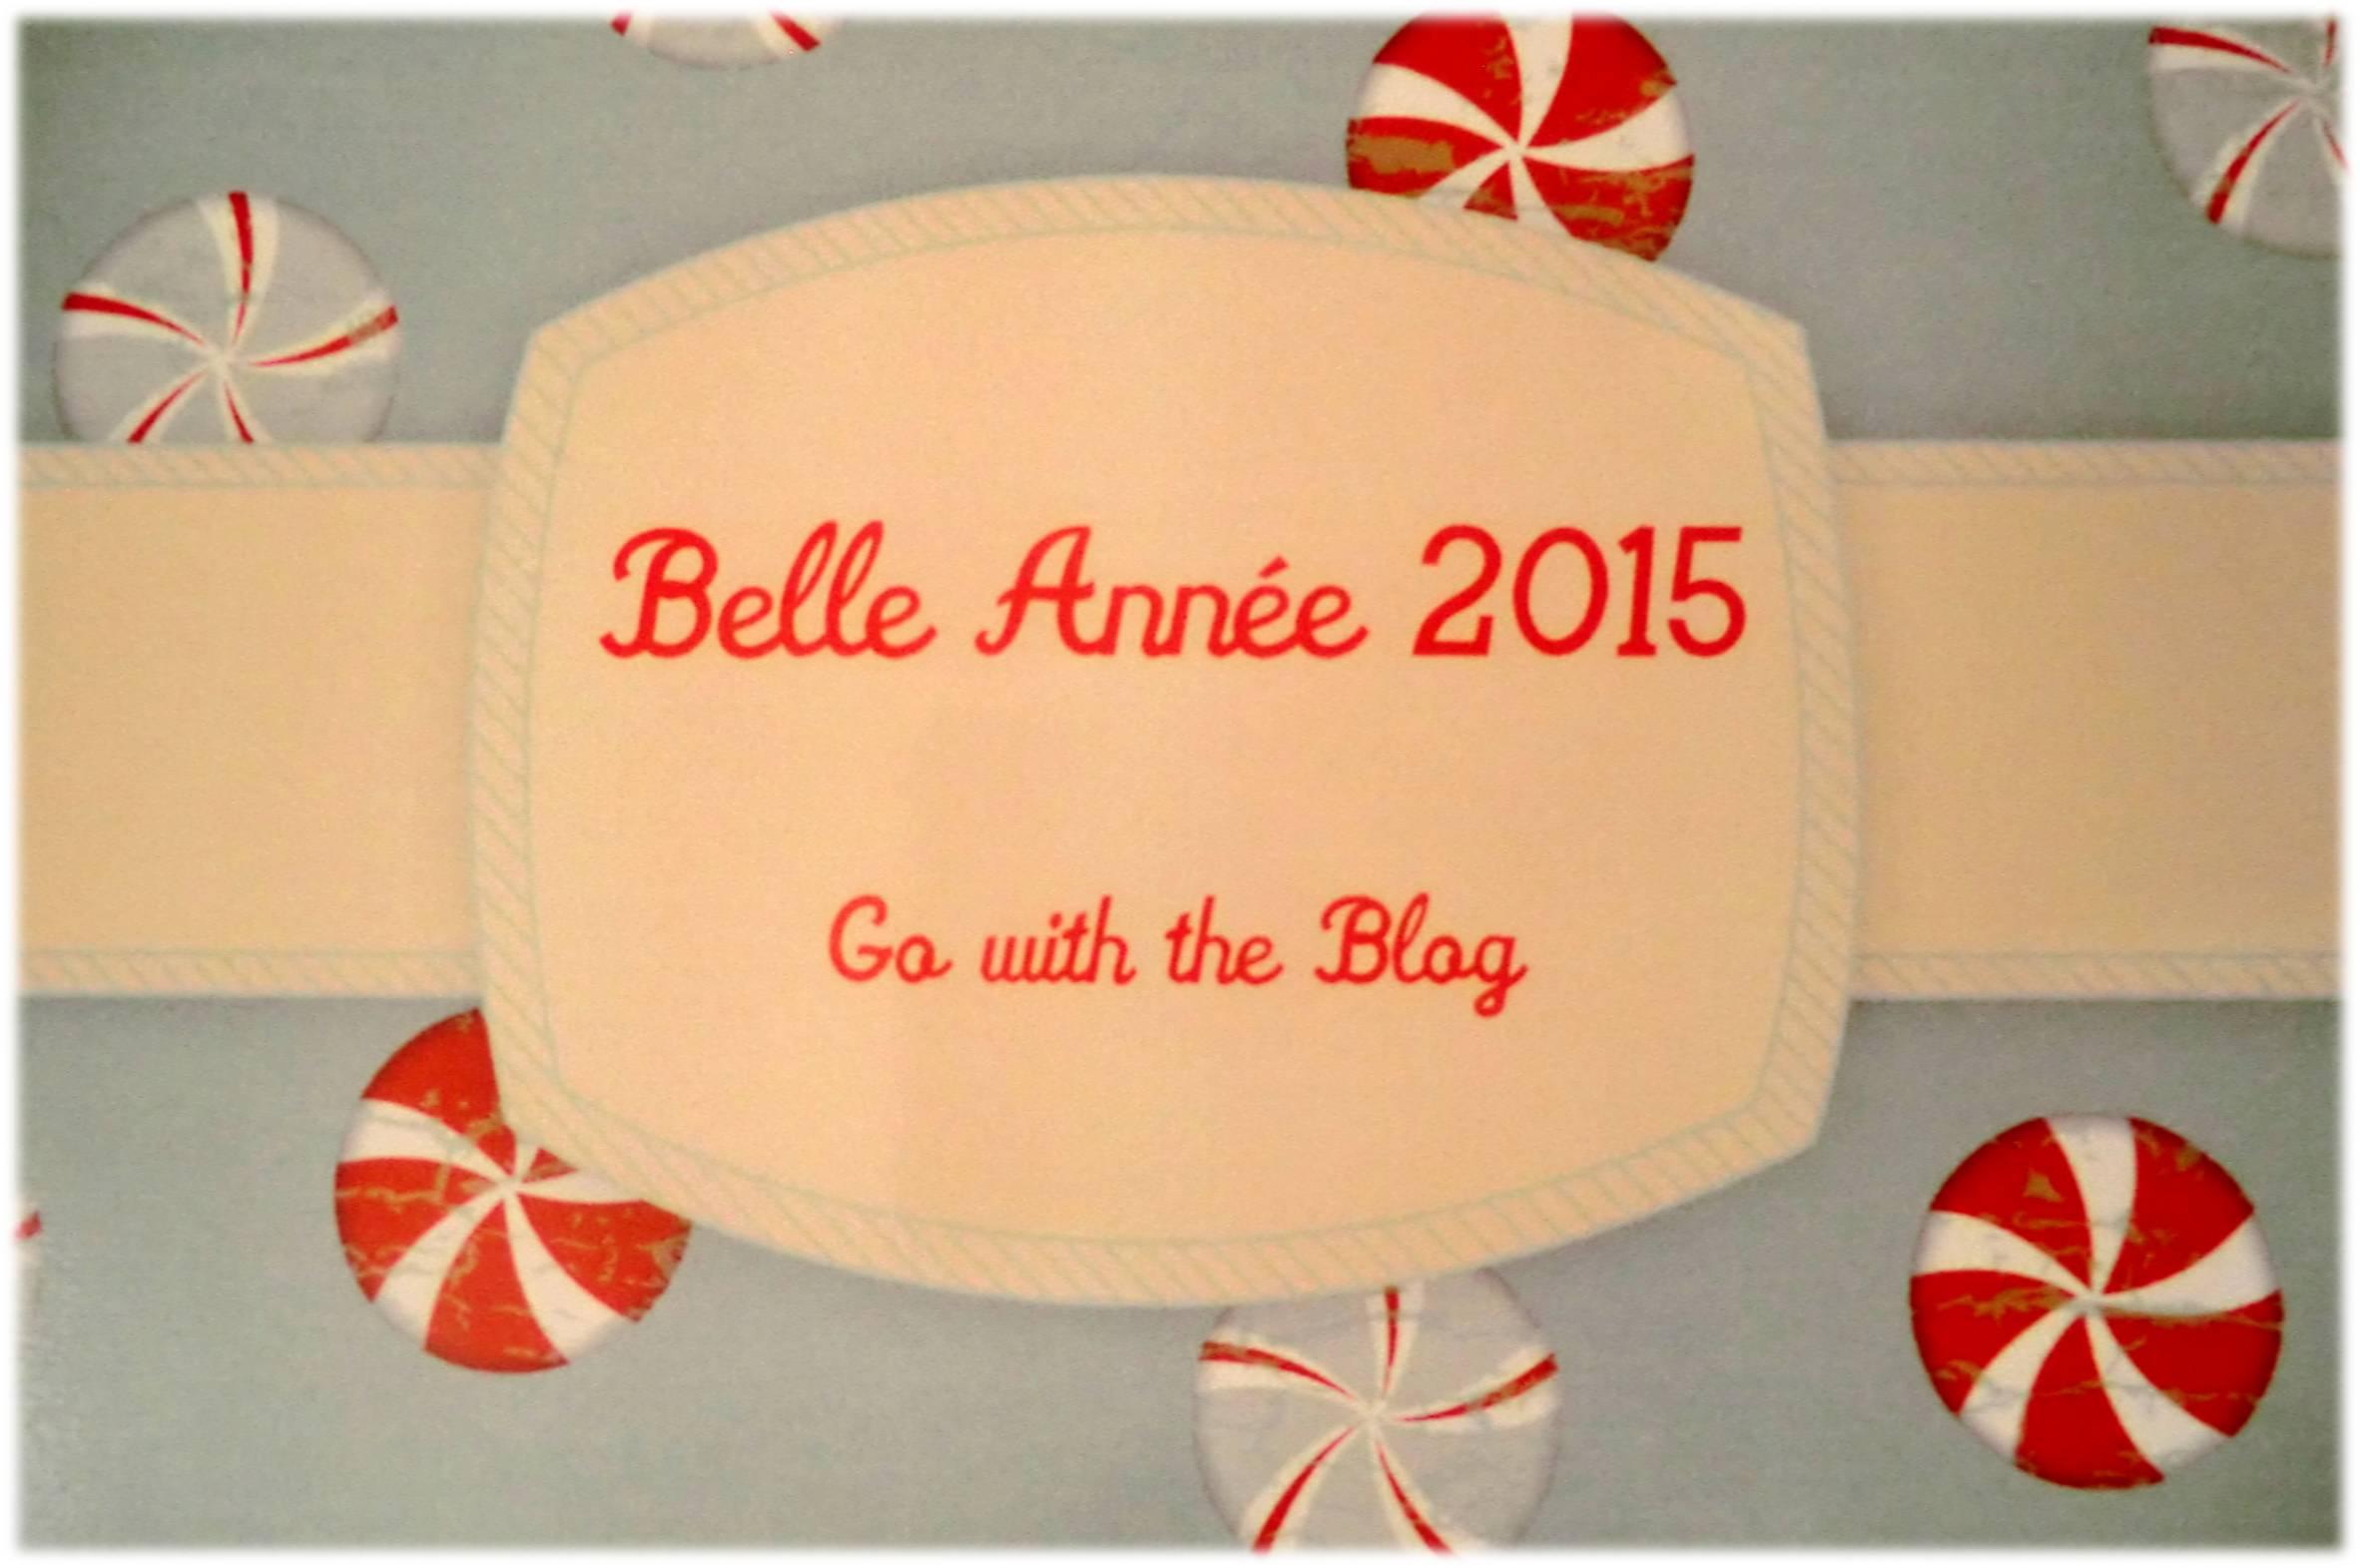 GO WITH THE BLOG - Carte de Voeux 2015 améliorée